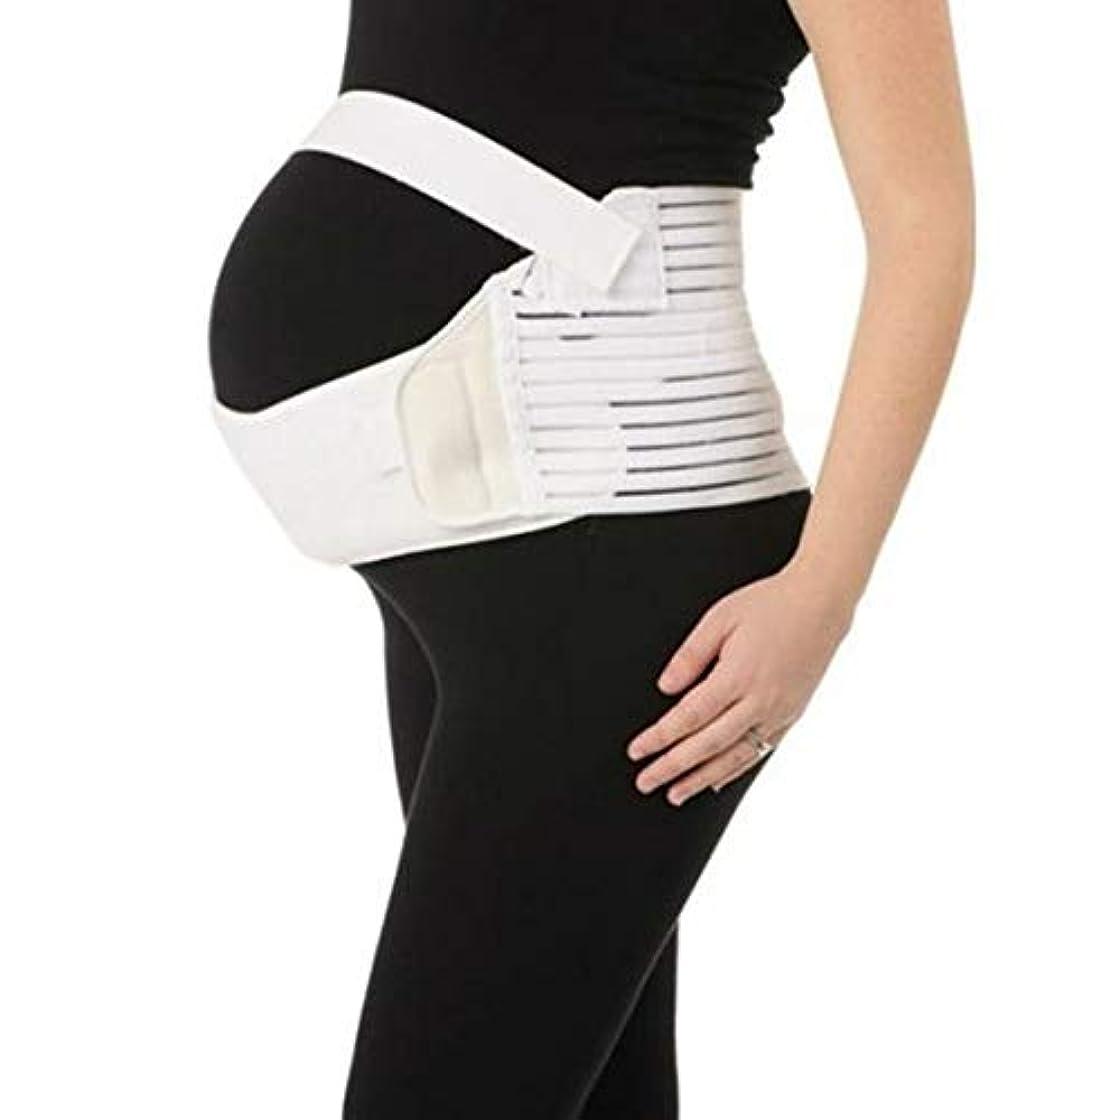 パンダ見つける取得通気性マタニティベルト妊娠腹部サポート腹部バインダーガードル運動包帯産後回復形状ウェア - ホワイトXL